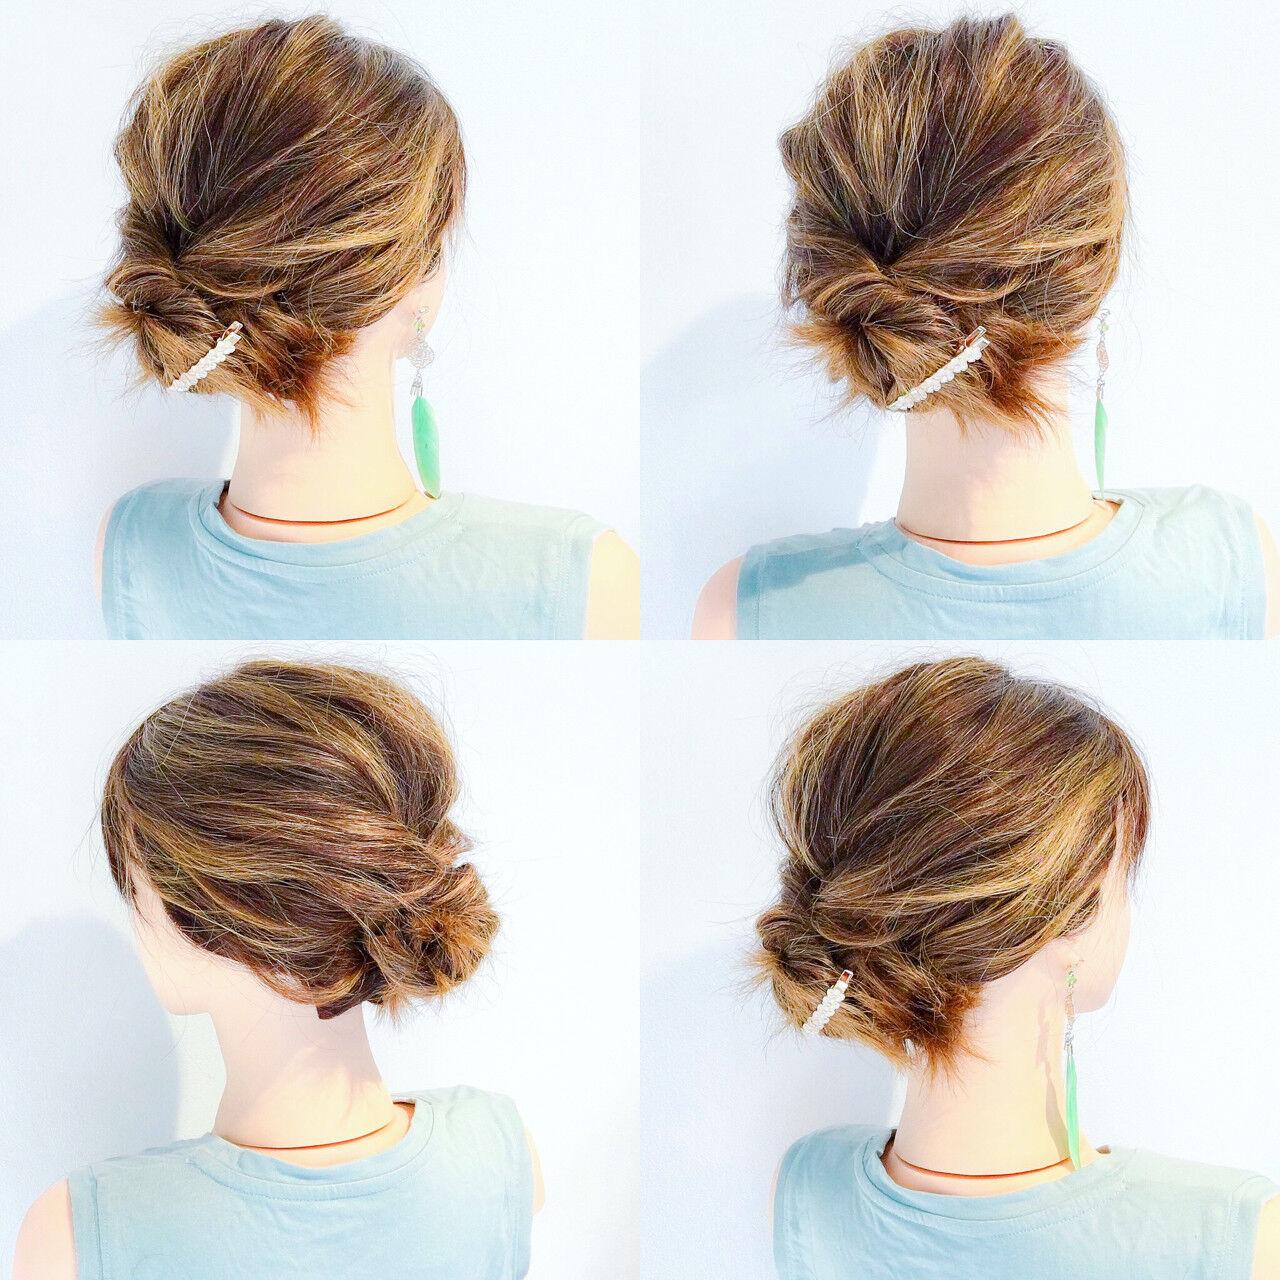 アウトドア 涼しげ ヘアアレンジ 夏ヘアスタイルや髪型の写真・画像